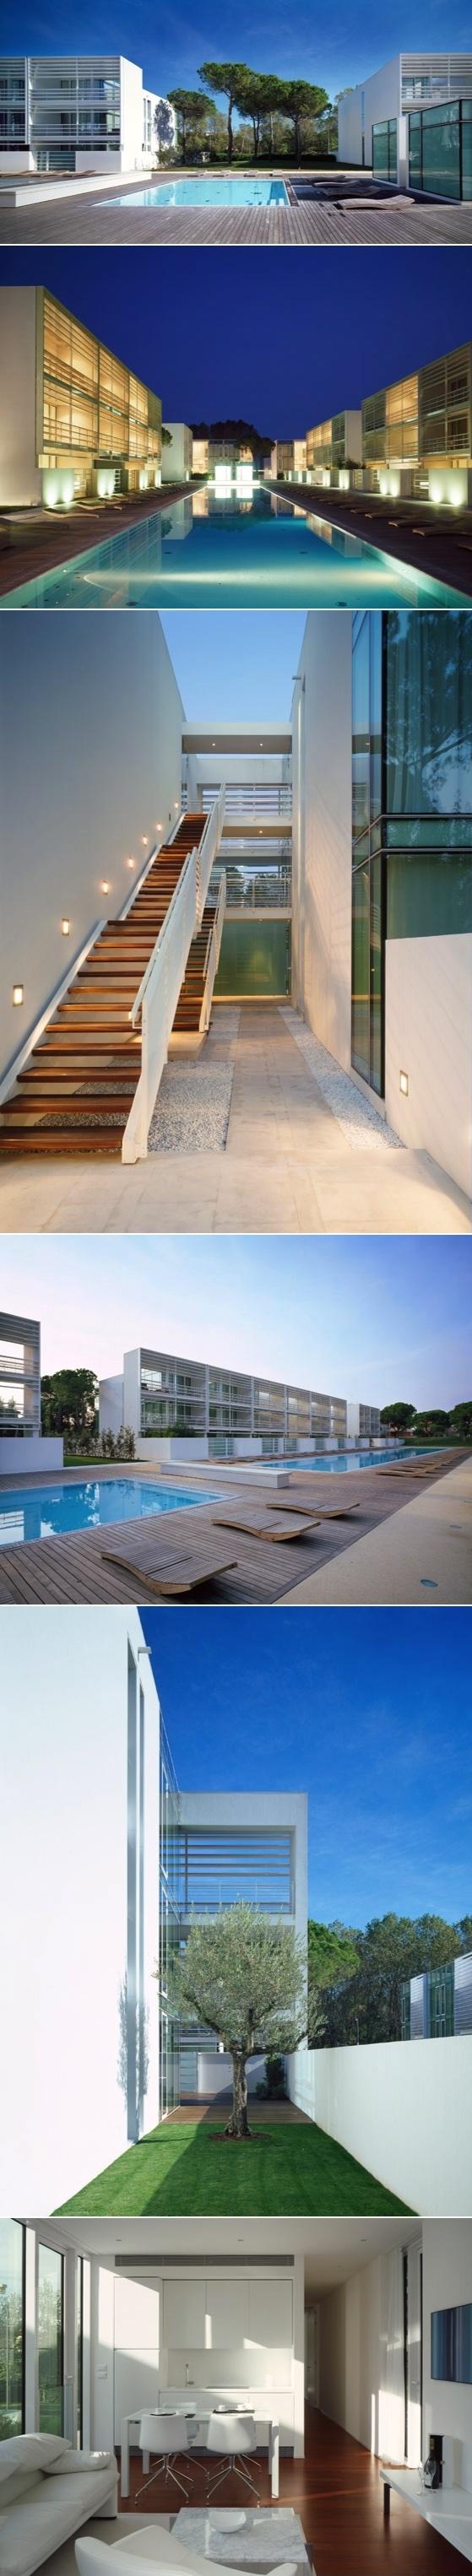 Jesolo Lido Village, Condominium and Hotel Jesolo | Italy | Completed 2003-2010